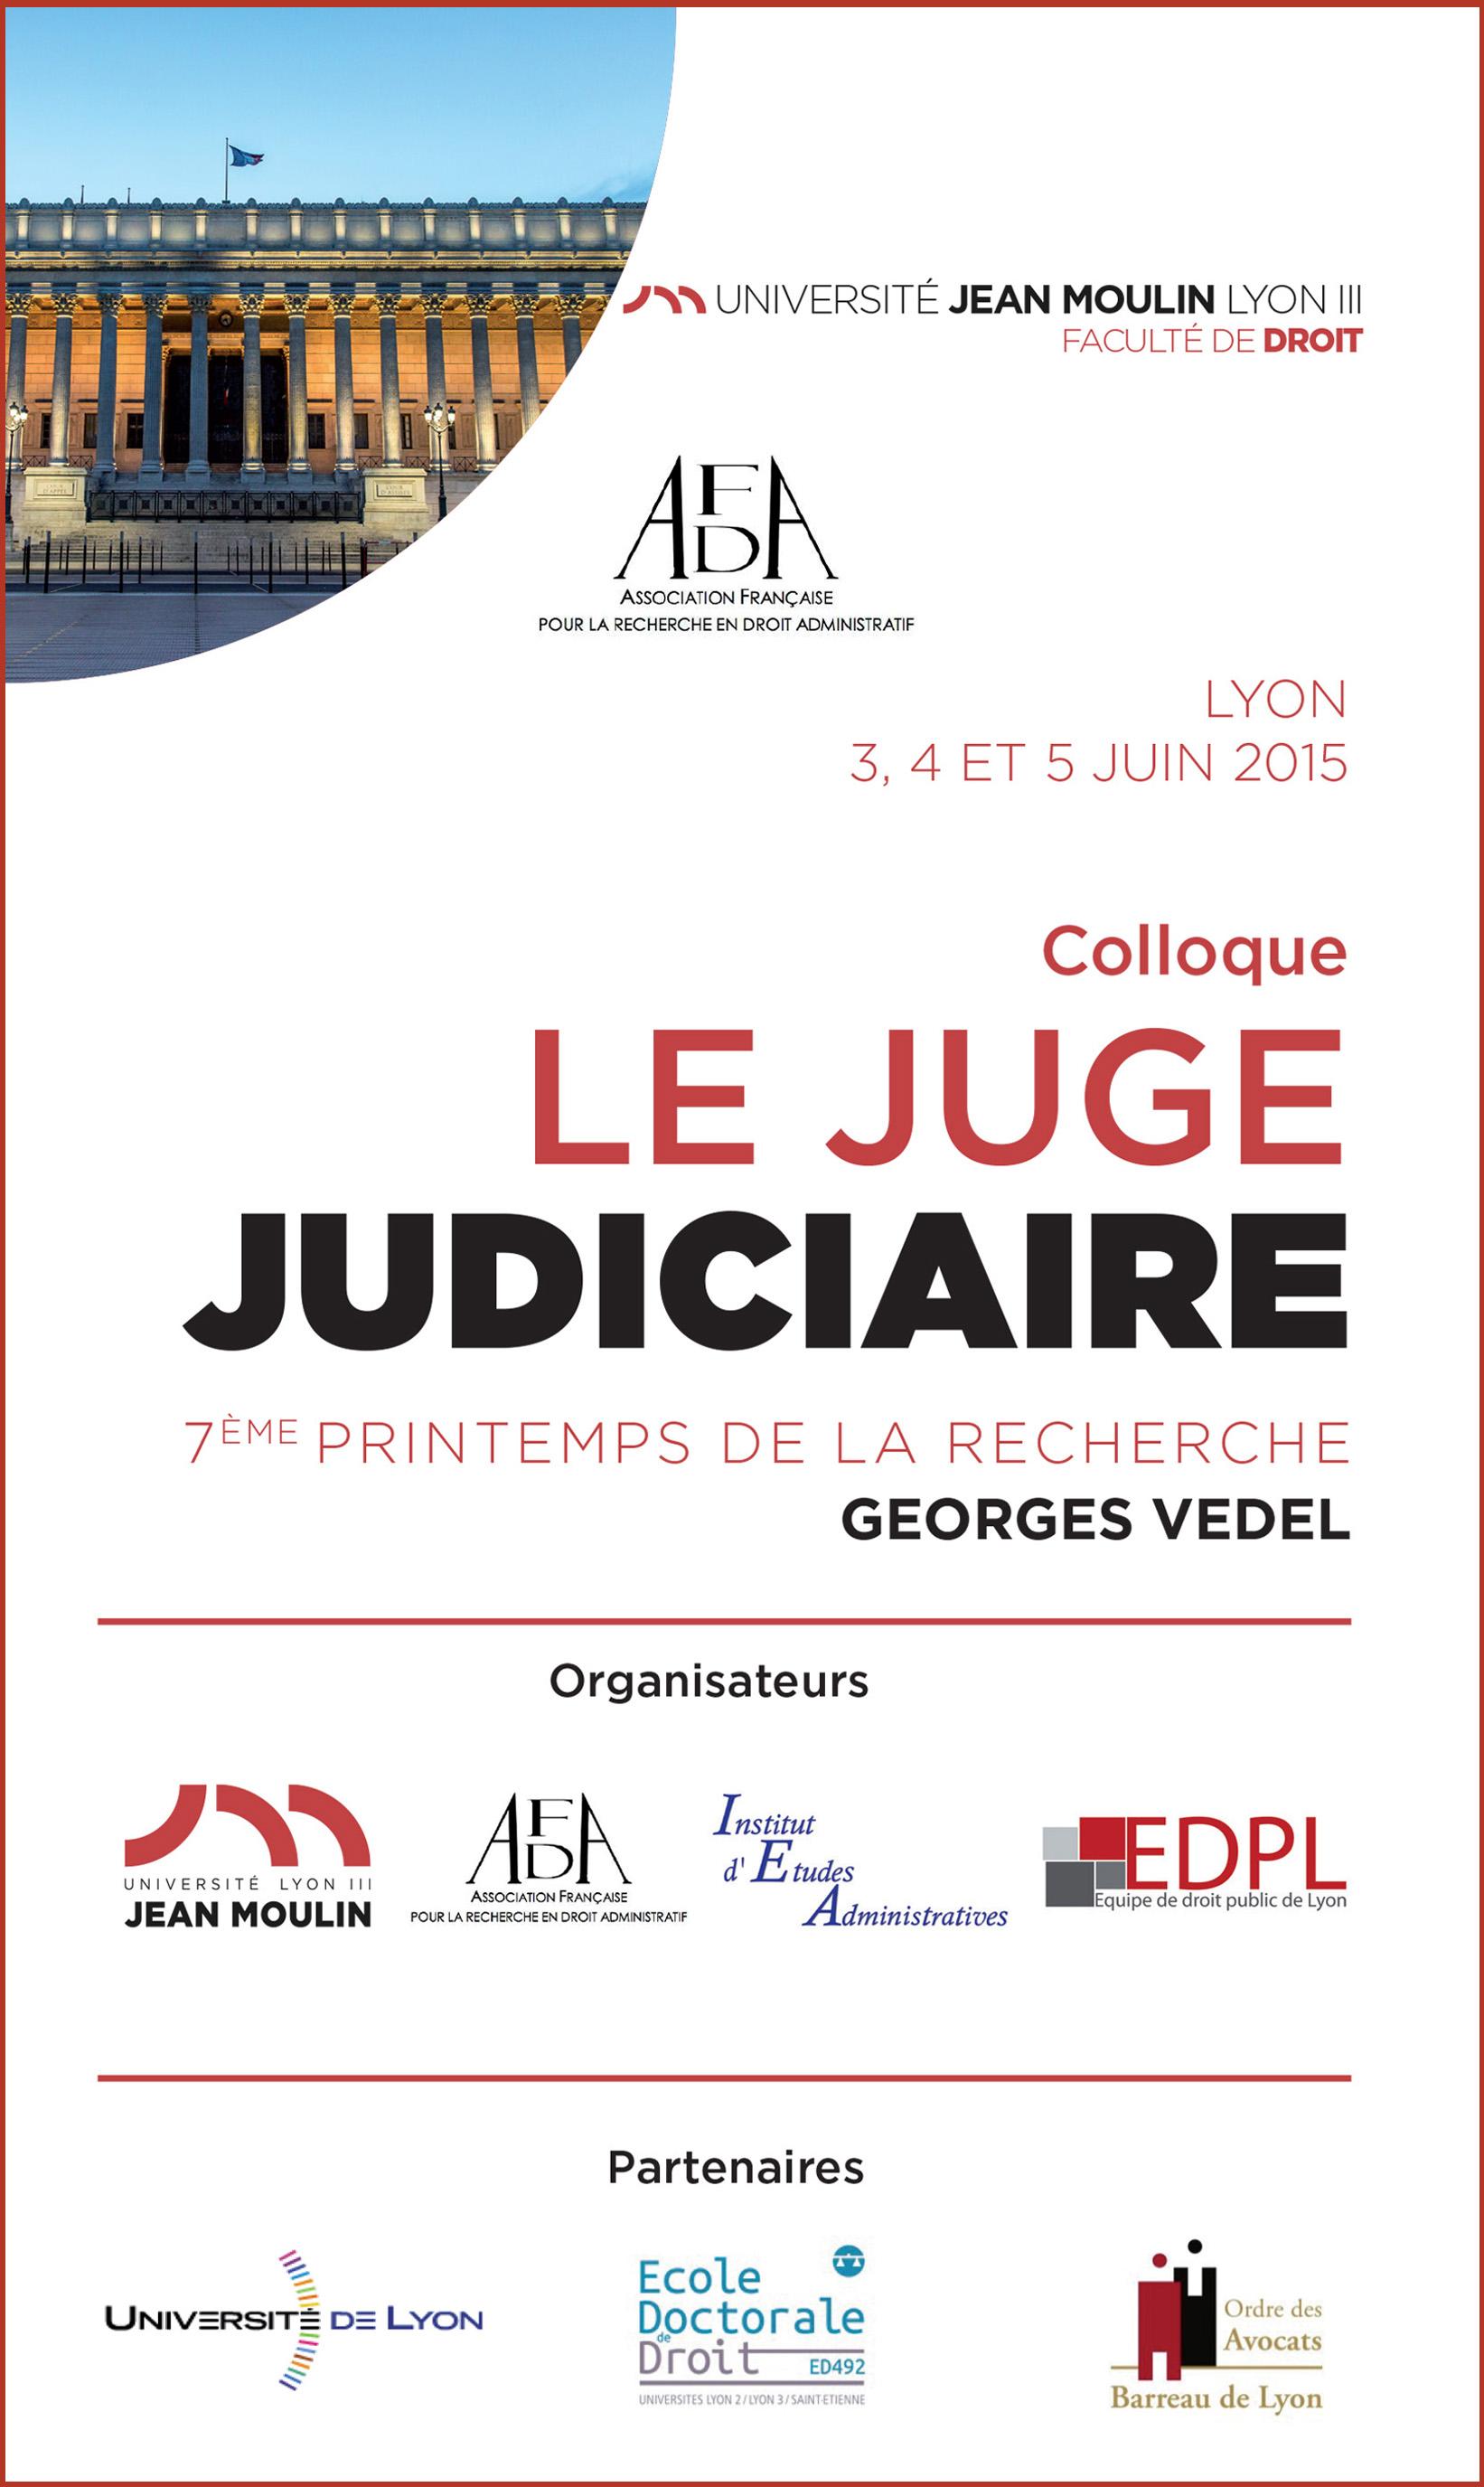 affiche colloque le juge judicaire